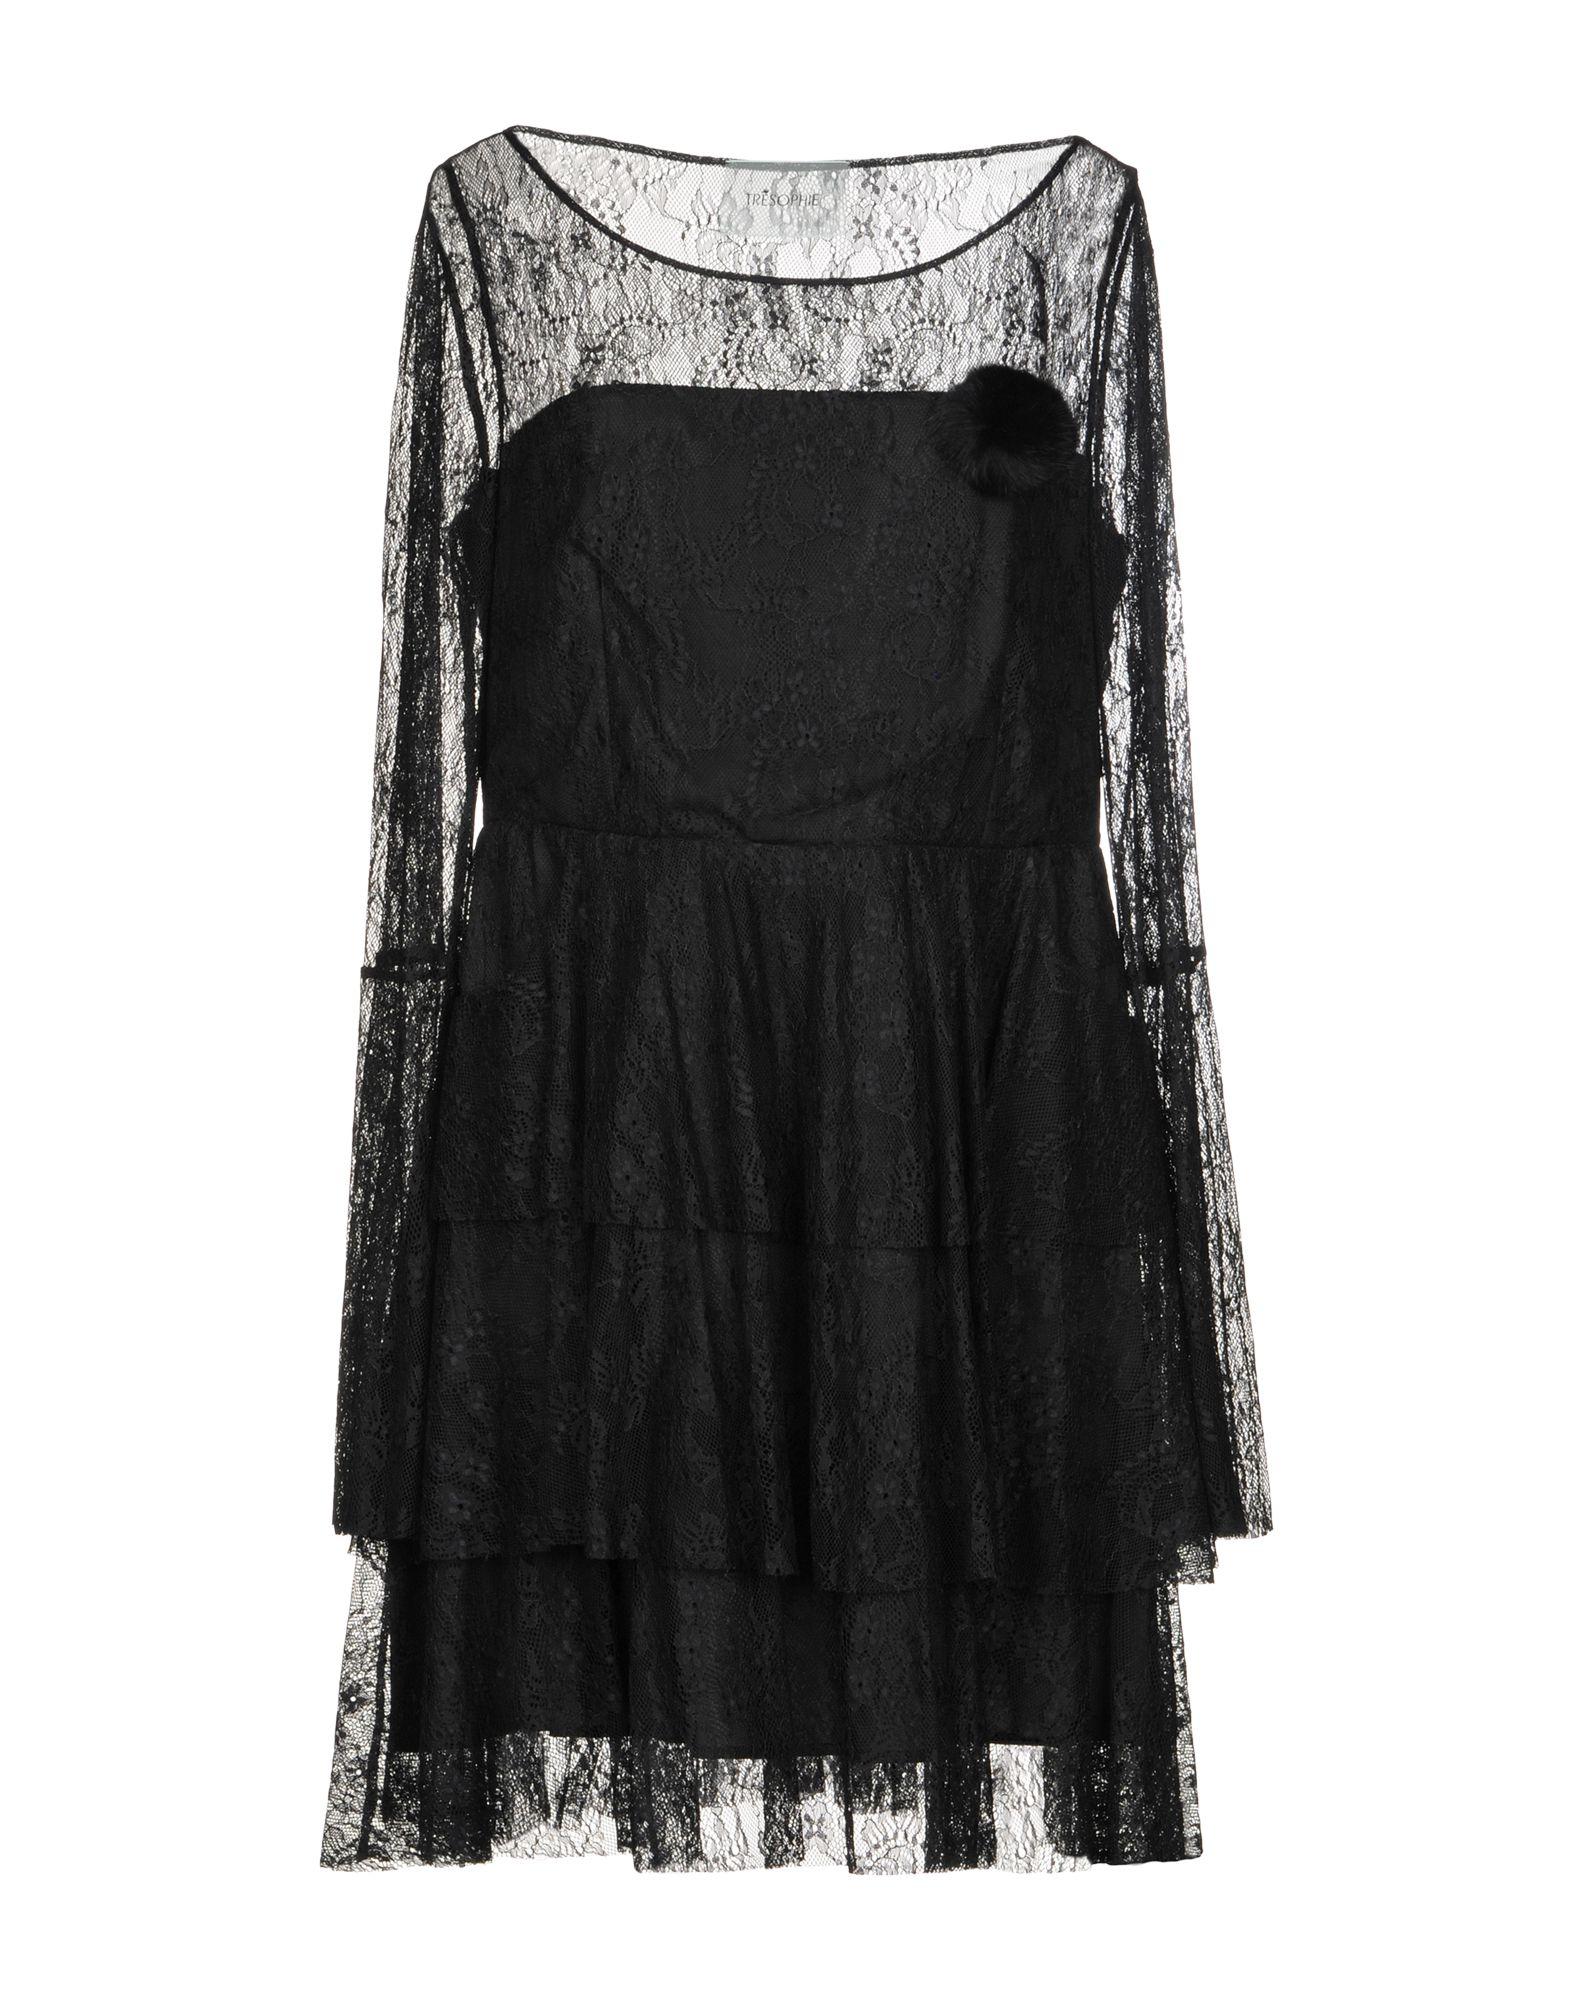 TRESOPHIE Damen Kurzes Kleid Farbe Schwarz Größe 6